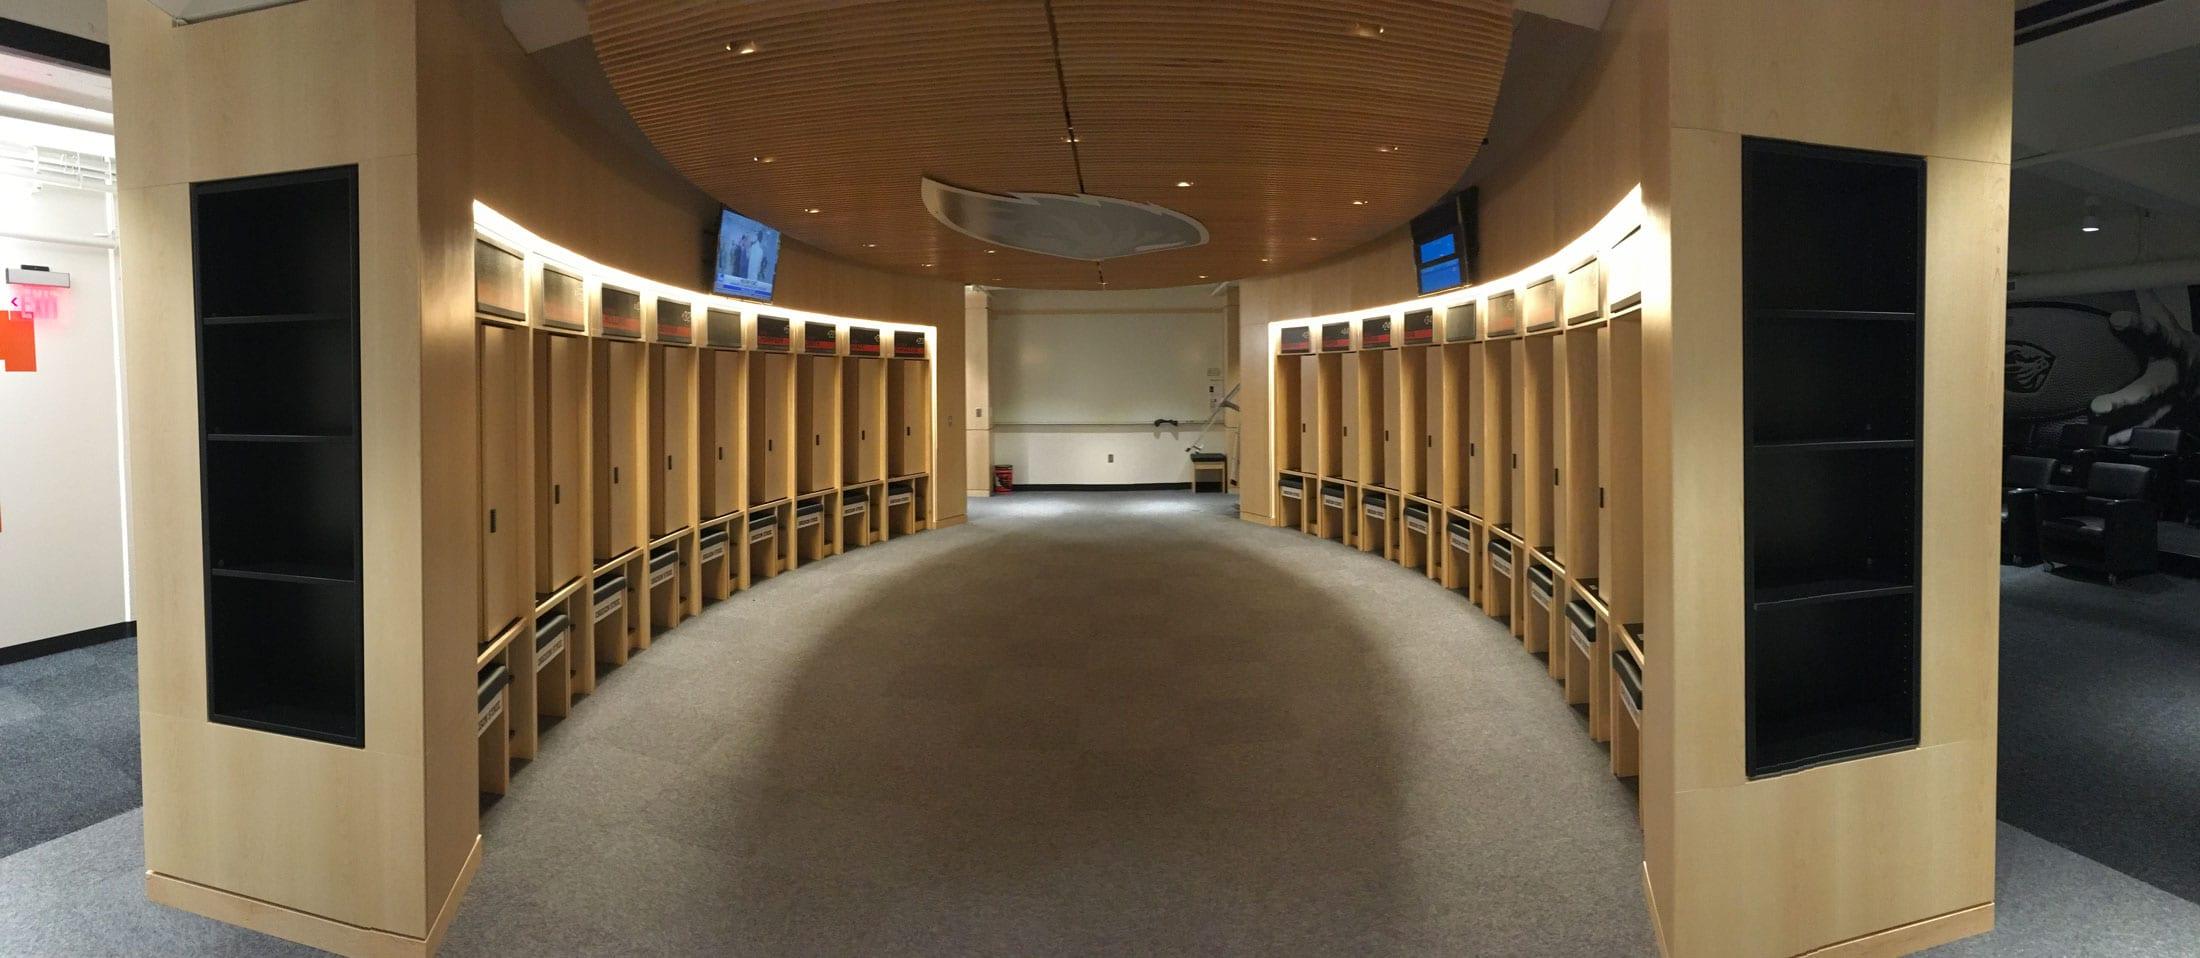 OSU Men's Basketball Locker Room Renovation